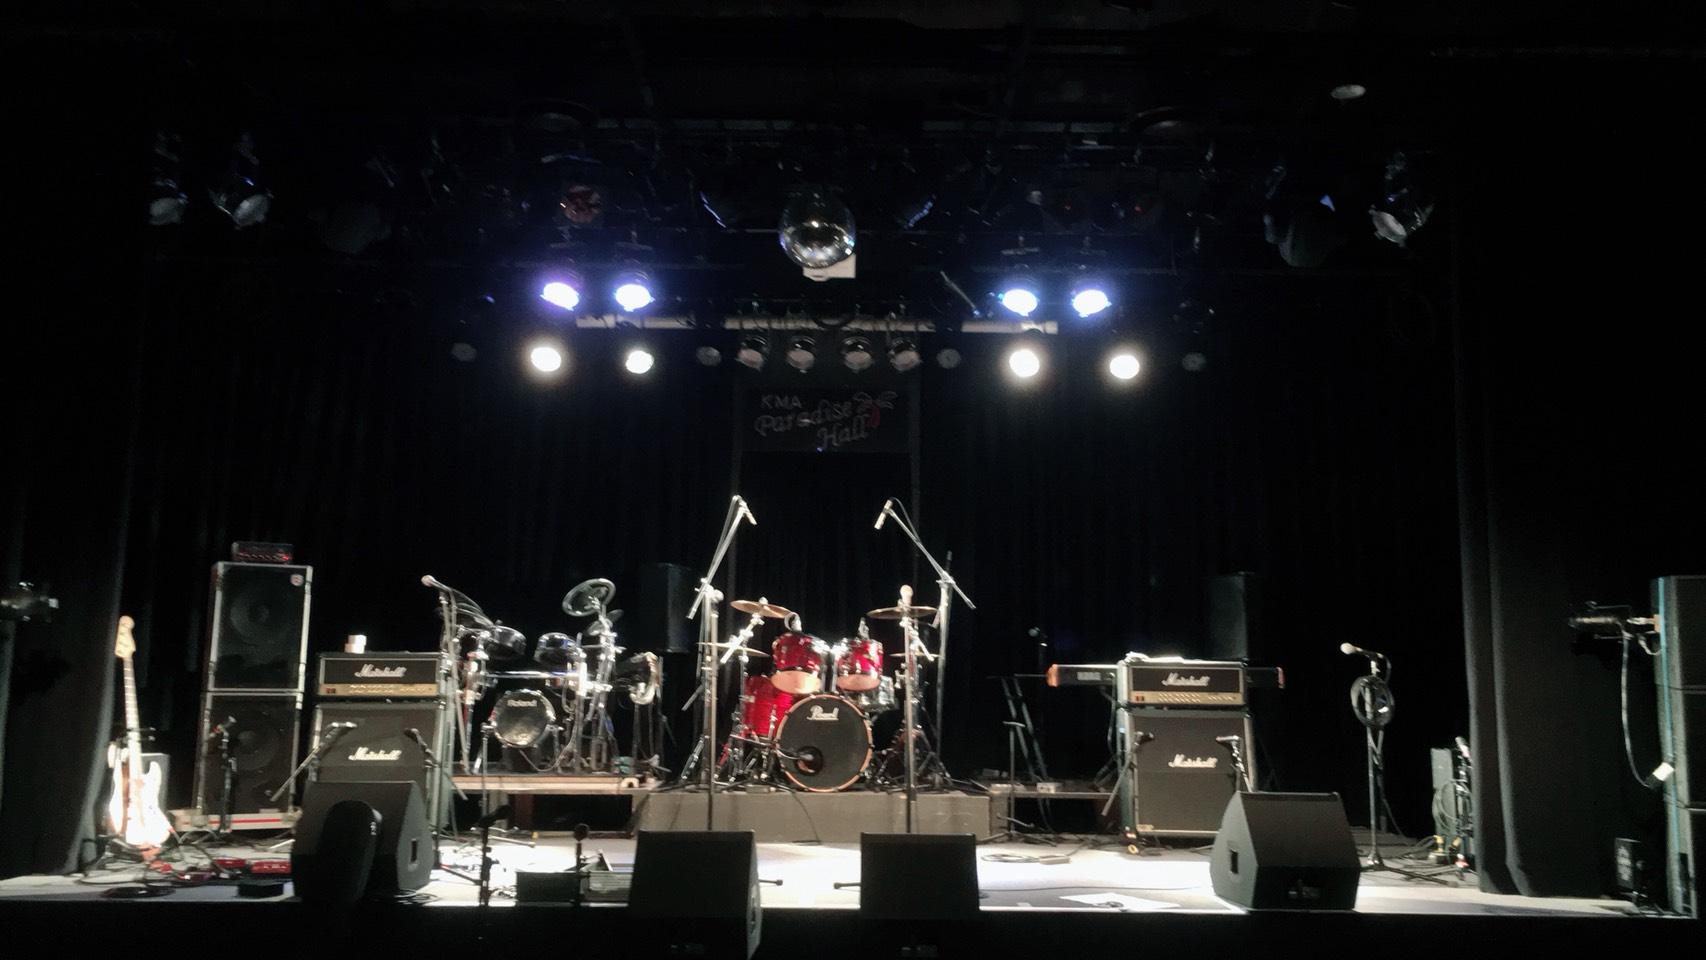 国立音楽院パラダイスホールのステージ。ツインドラム、ギターアンプ2発、キャビネットが2段積みのベースアンプ、キーボードなどがセッティングされています。